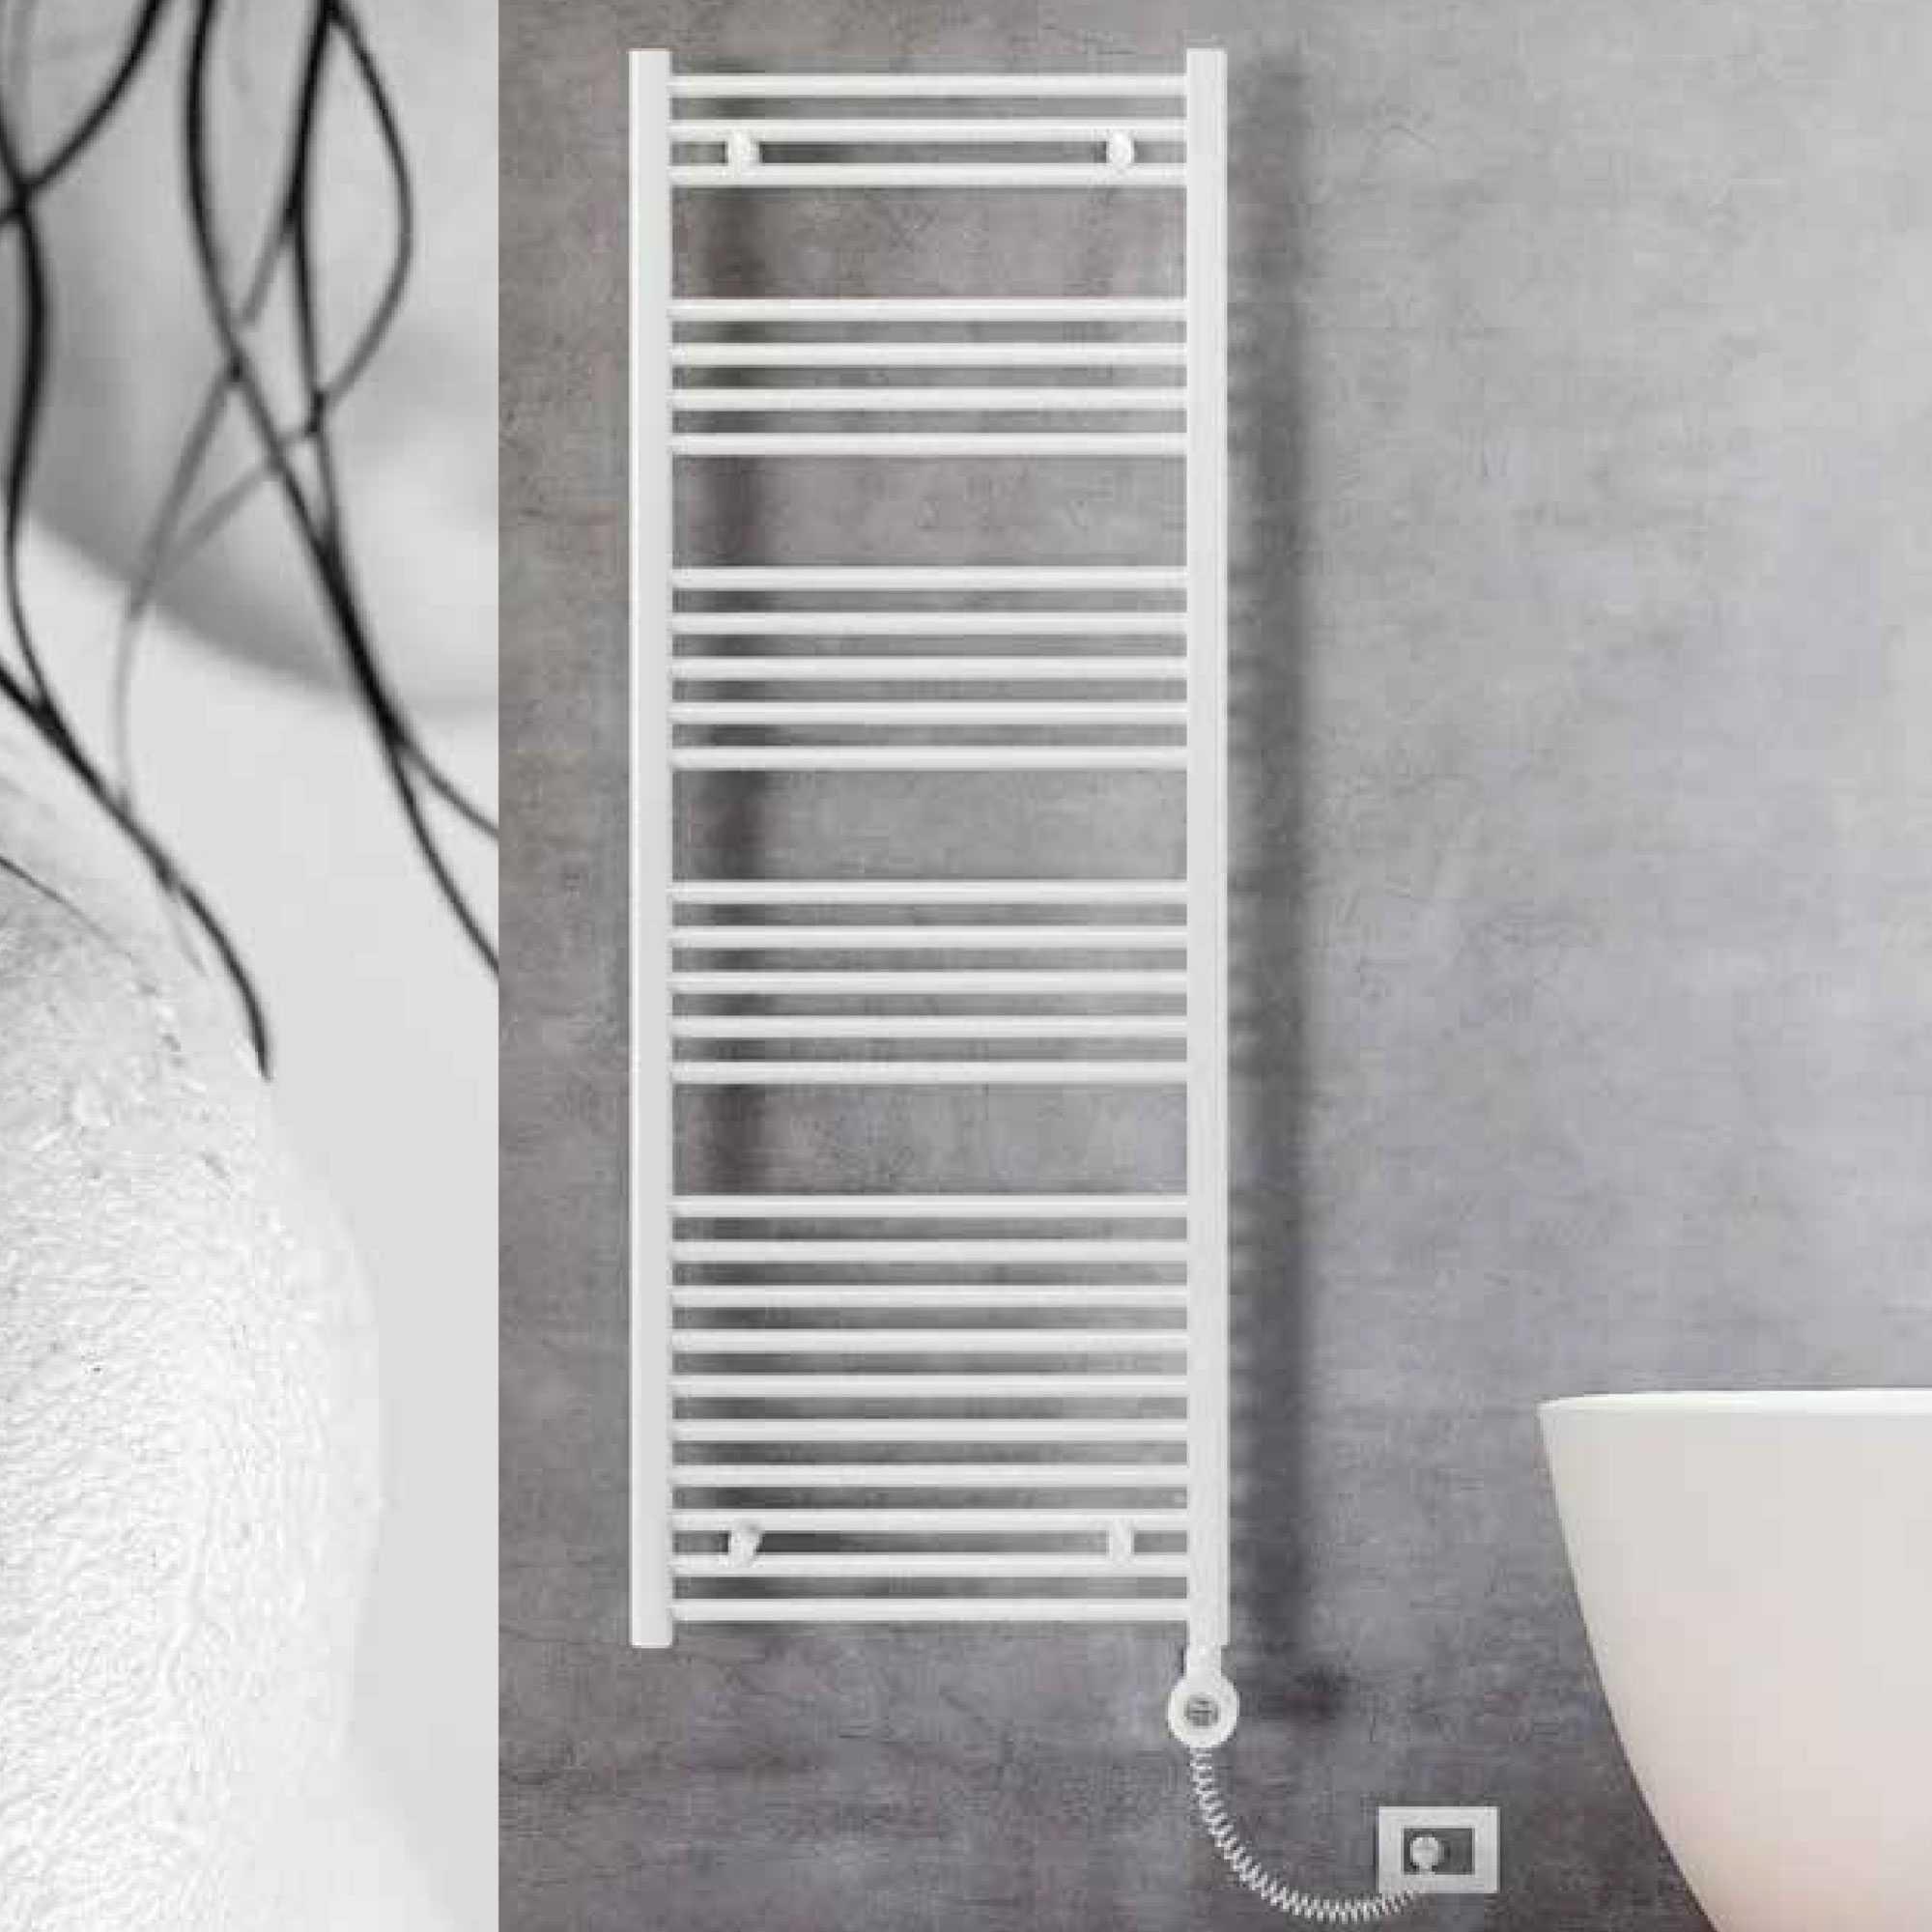 Termoarredo elettrico bianco 1800x600 Lazzarini E-Bolzano 1000 watt con termostato